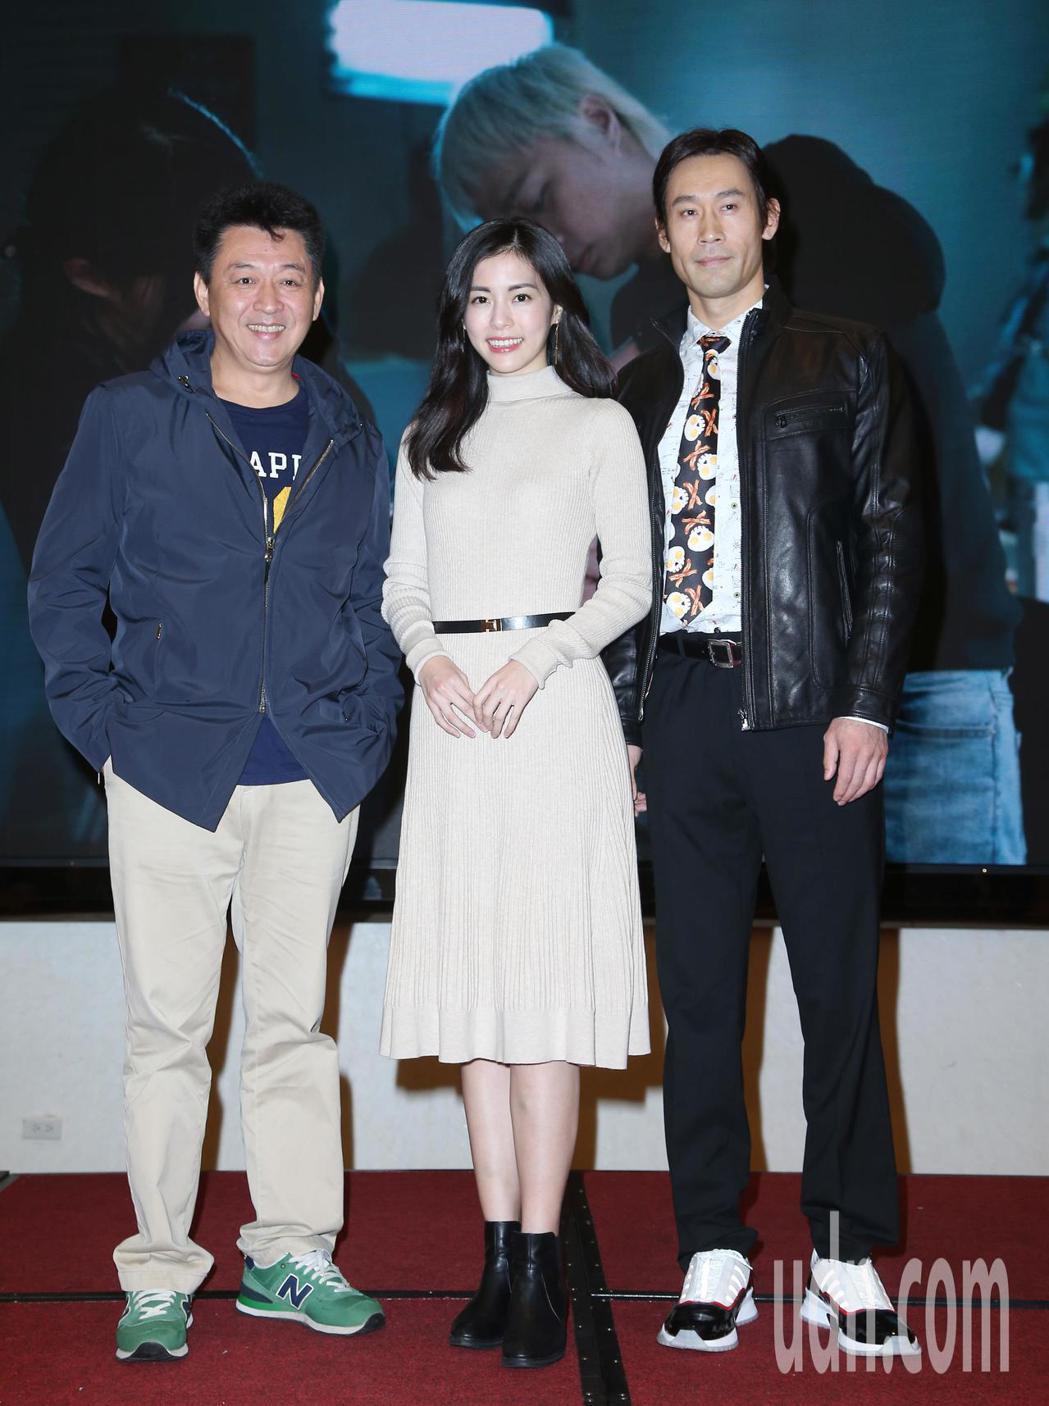 電影「驚夢49天」殺青酒,演員劉國雄(右起)、任容萱、庹宗華一同出席。記者陳瑞源